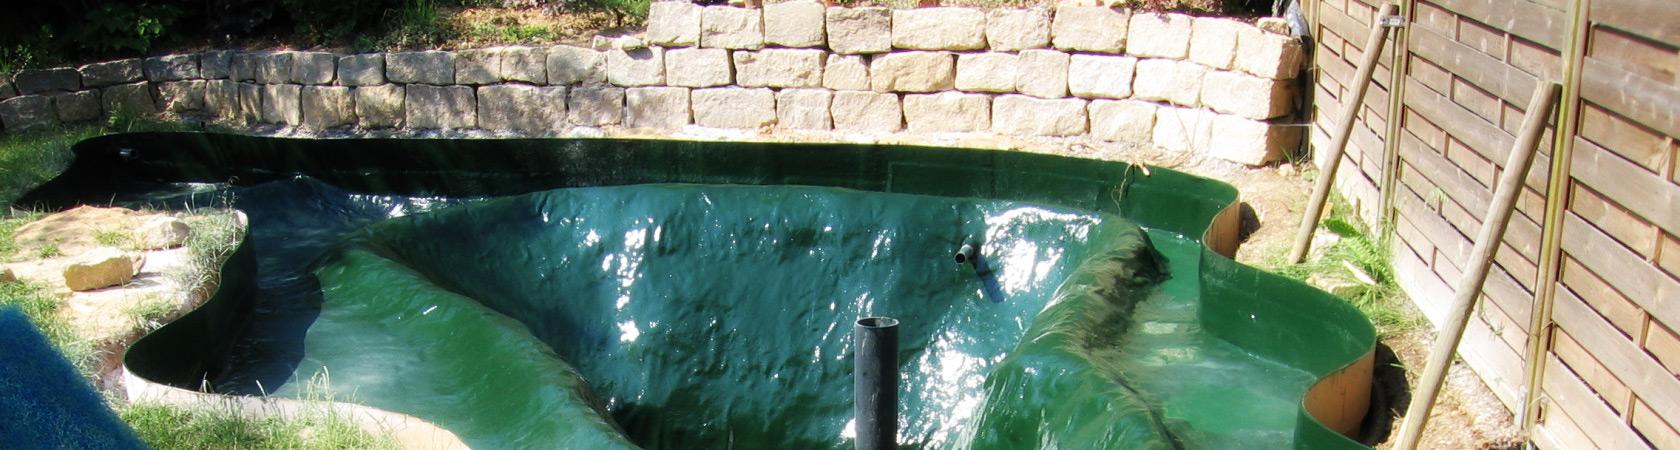 glasfaser pool selber bauen – msglocal, Terrassen deko